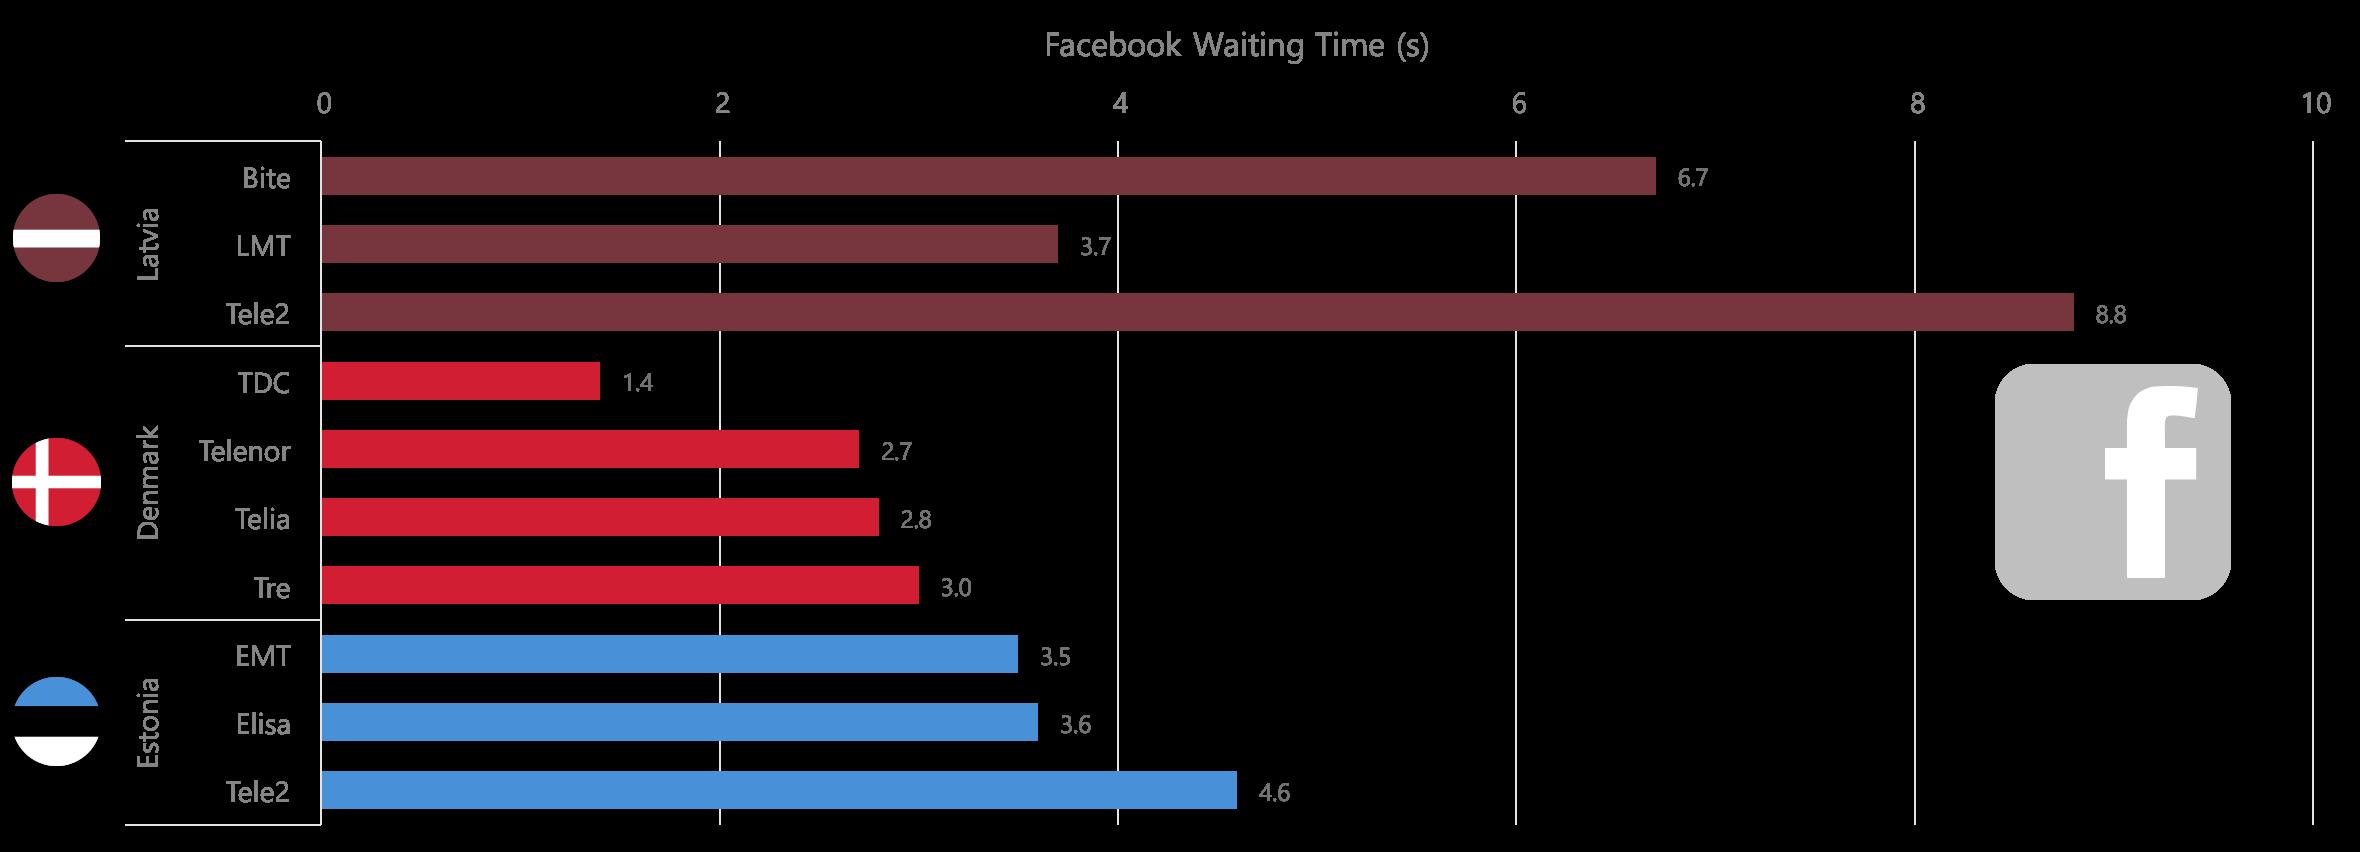 facebook waiting time baltics 03